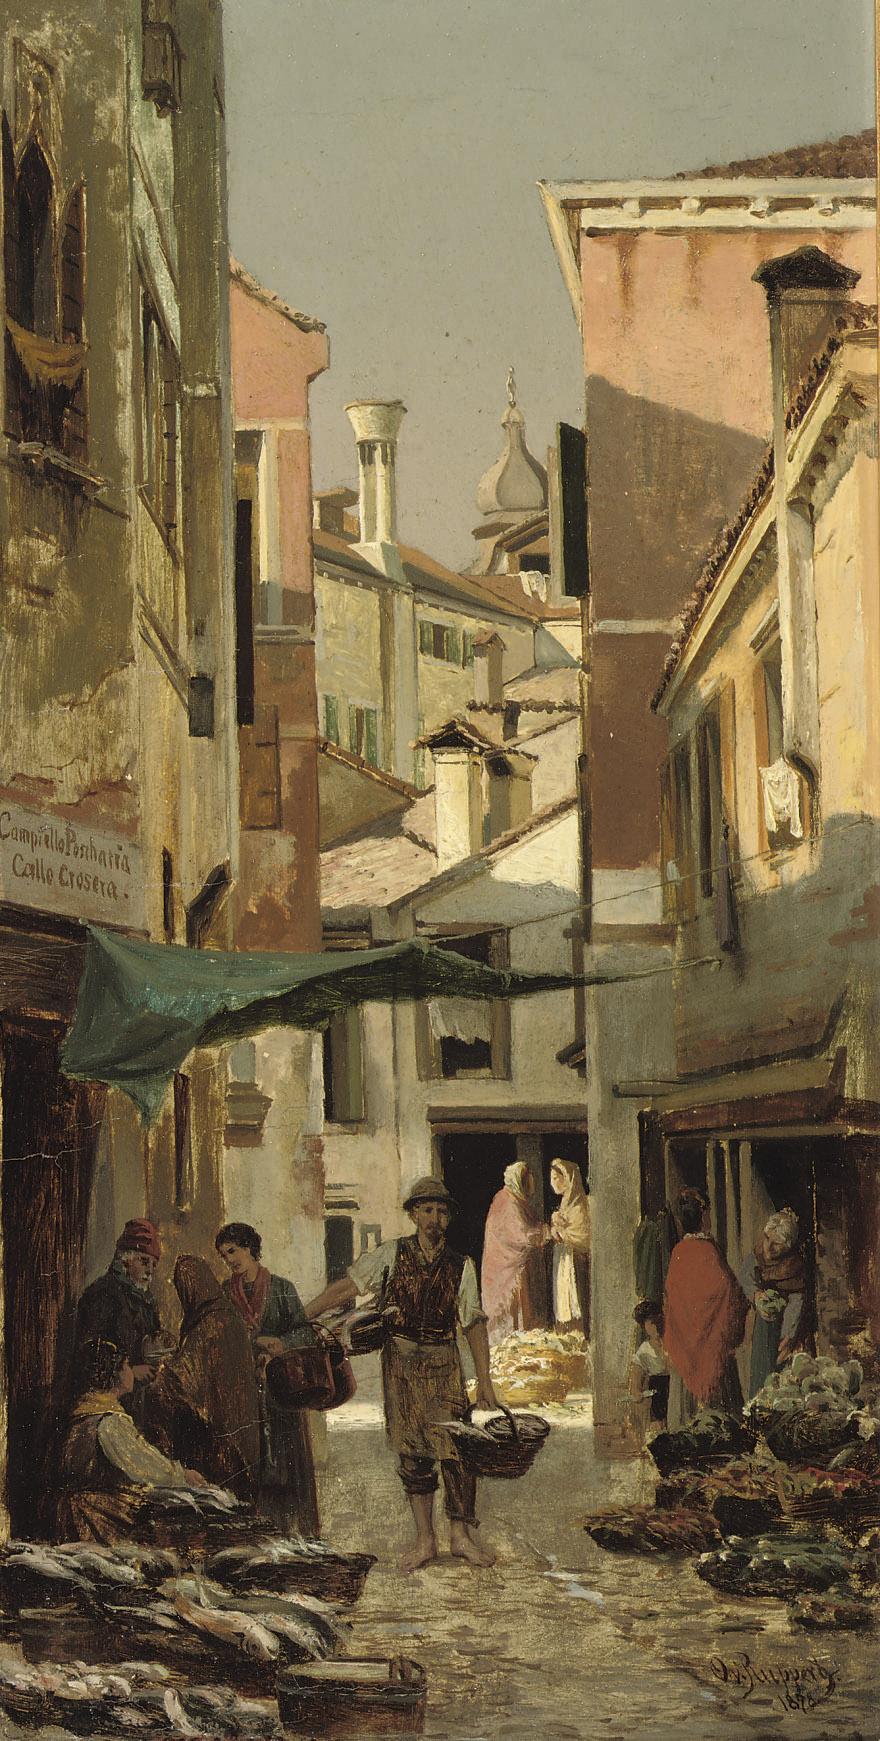 Market at the corner of Calle Crosera and Campiello Pescheria, Venice